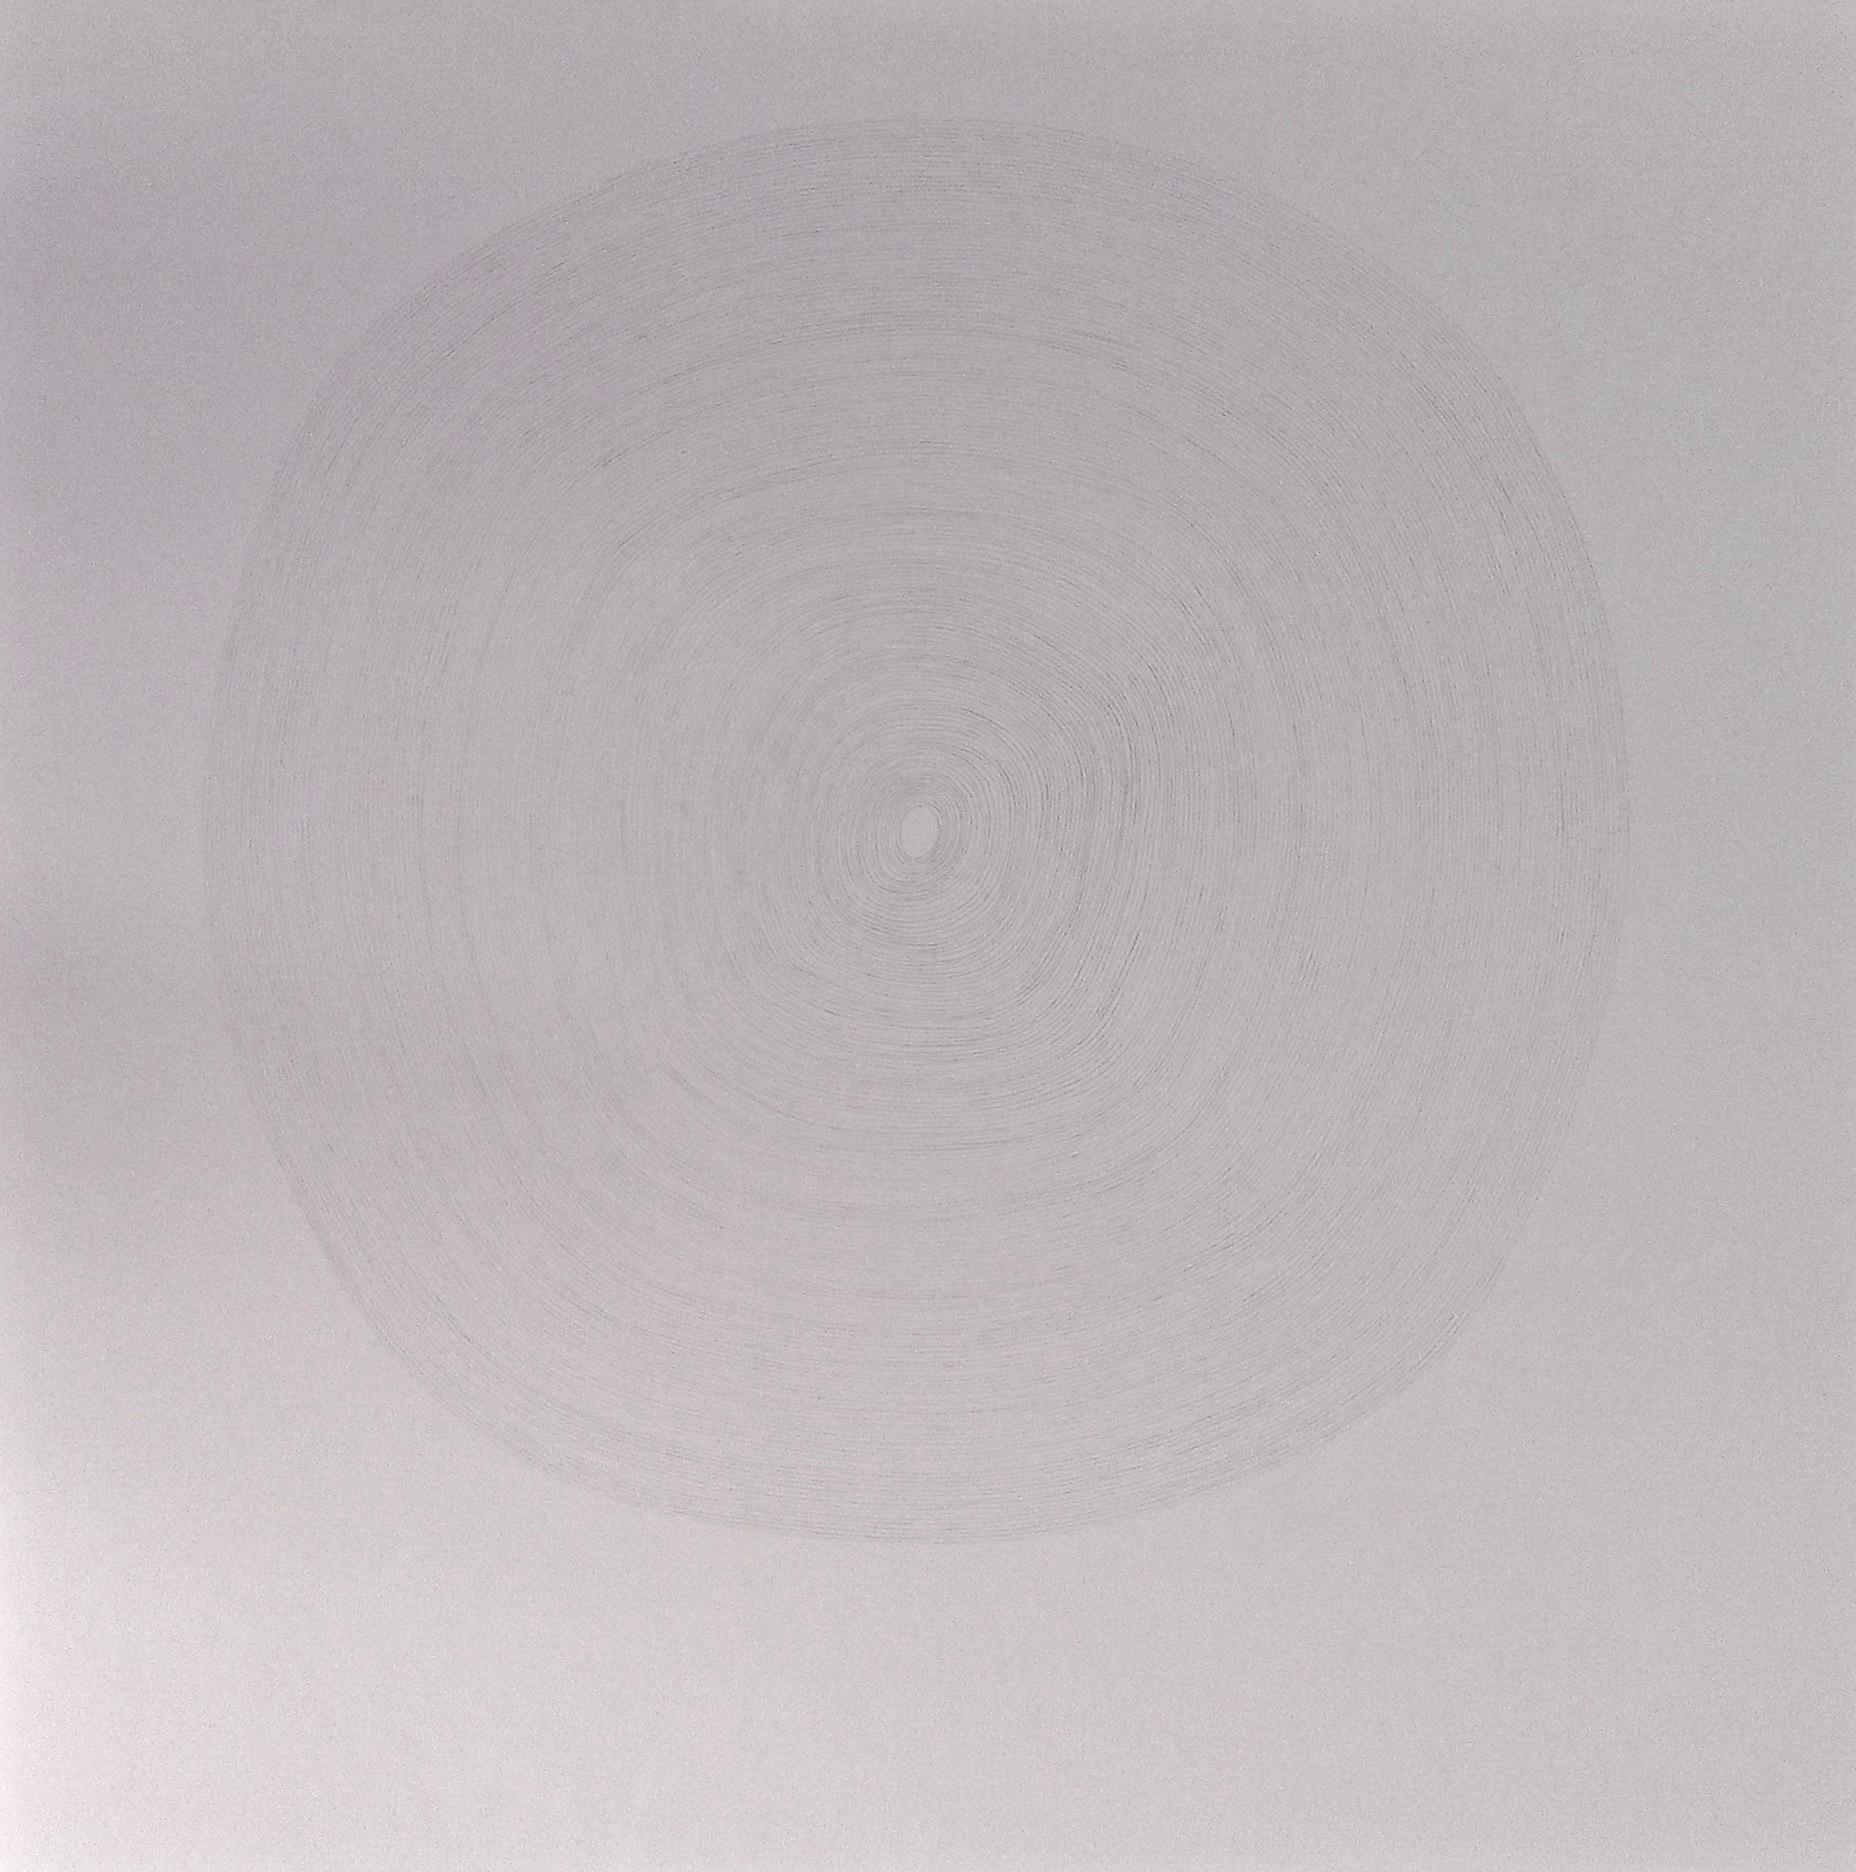 Sans titre, cercles concentriques